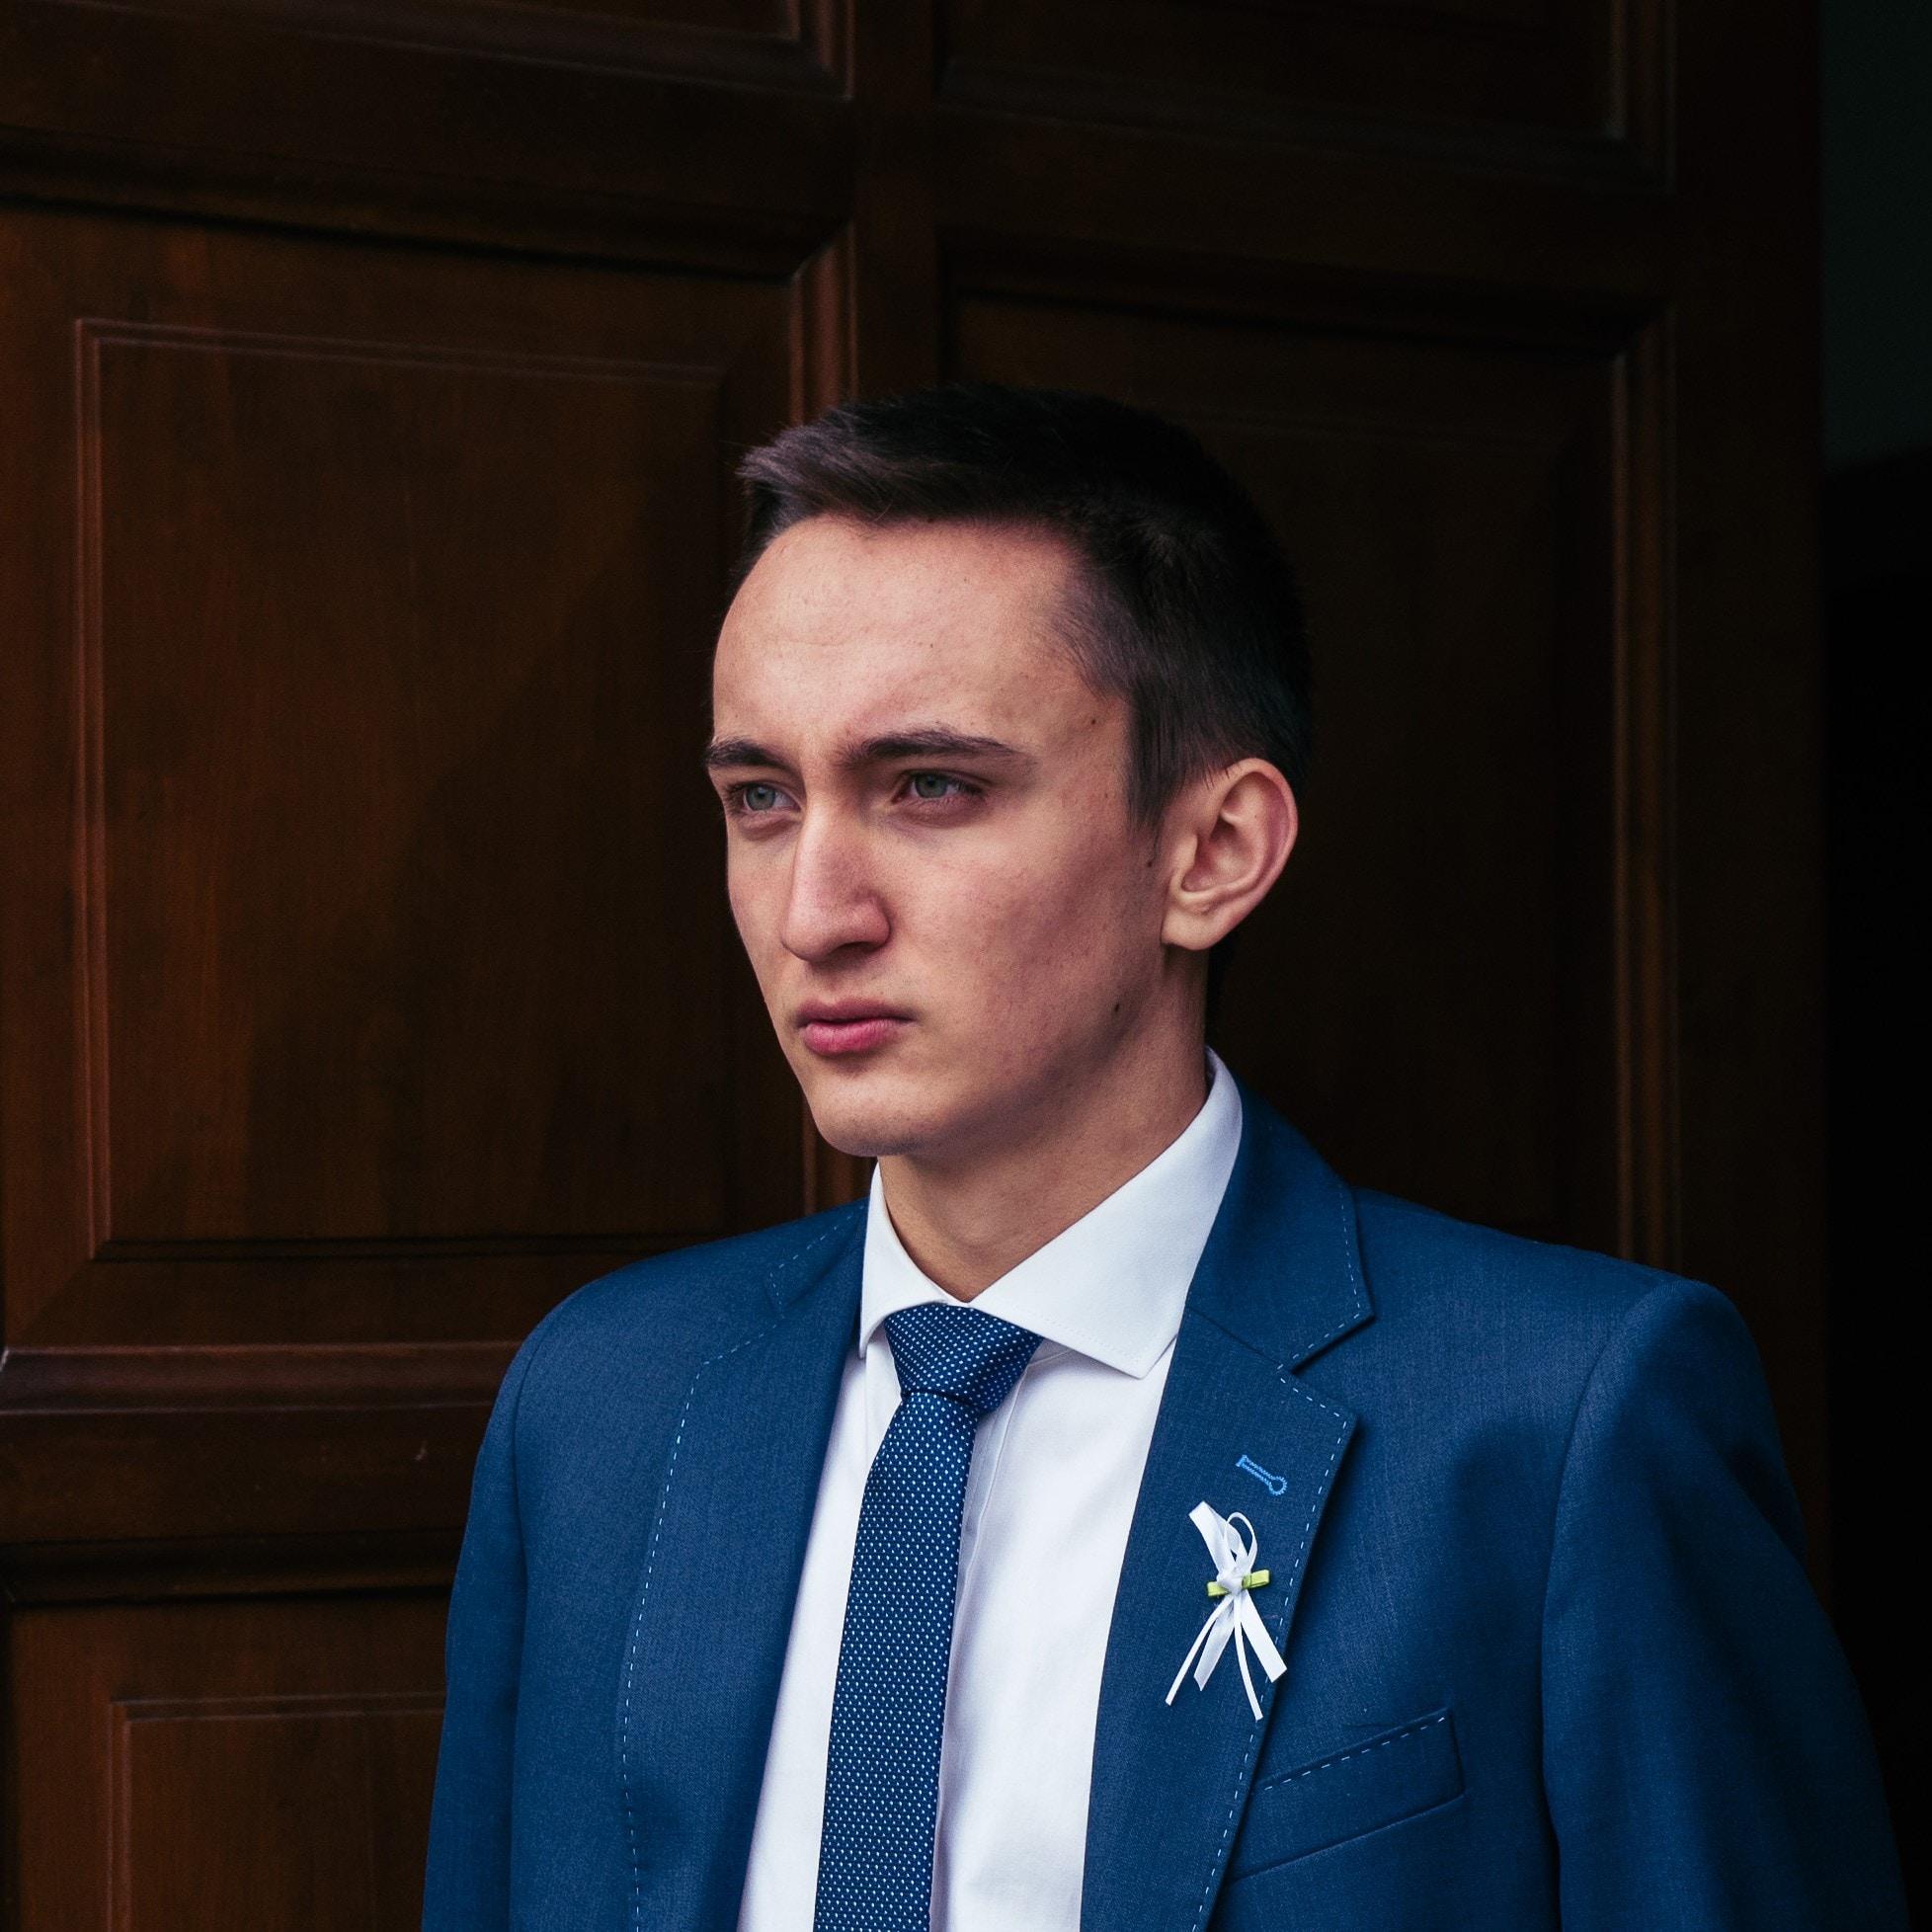 Go to Michal Mikulec's profile